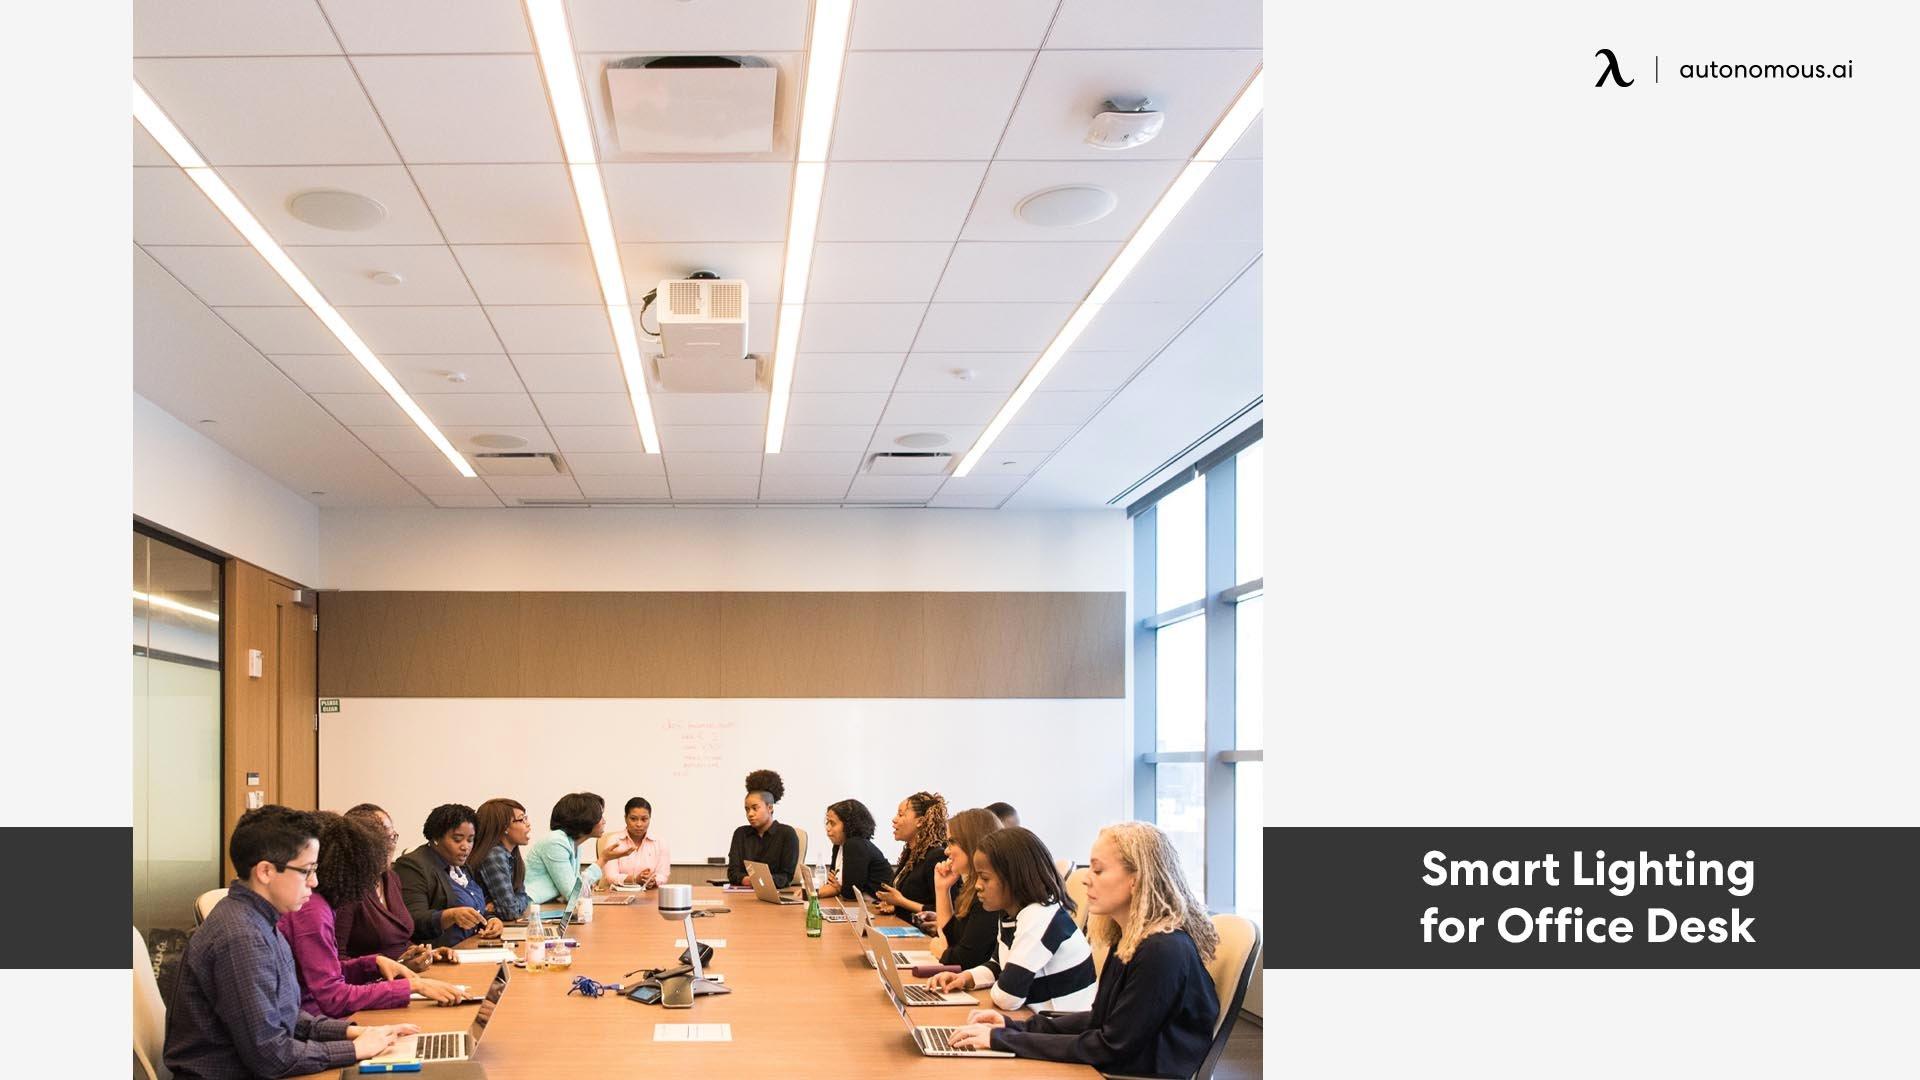 Photo of Smart Lighting for Office Desk